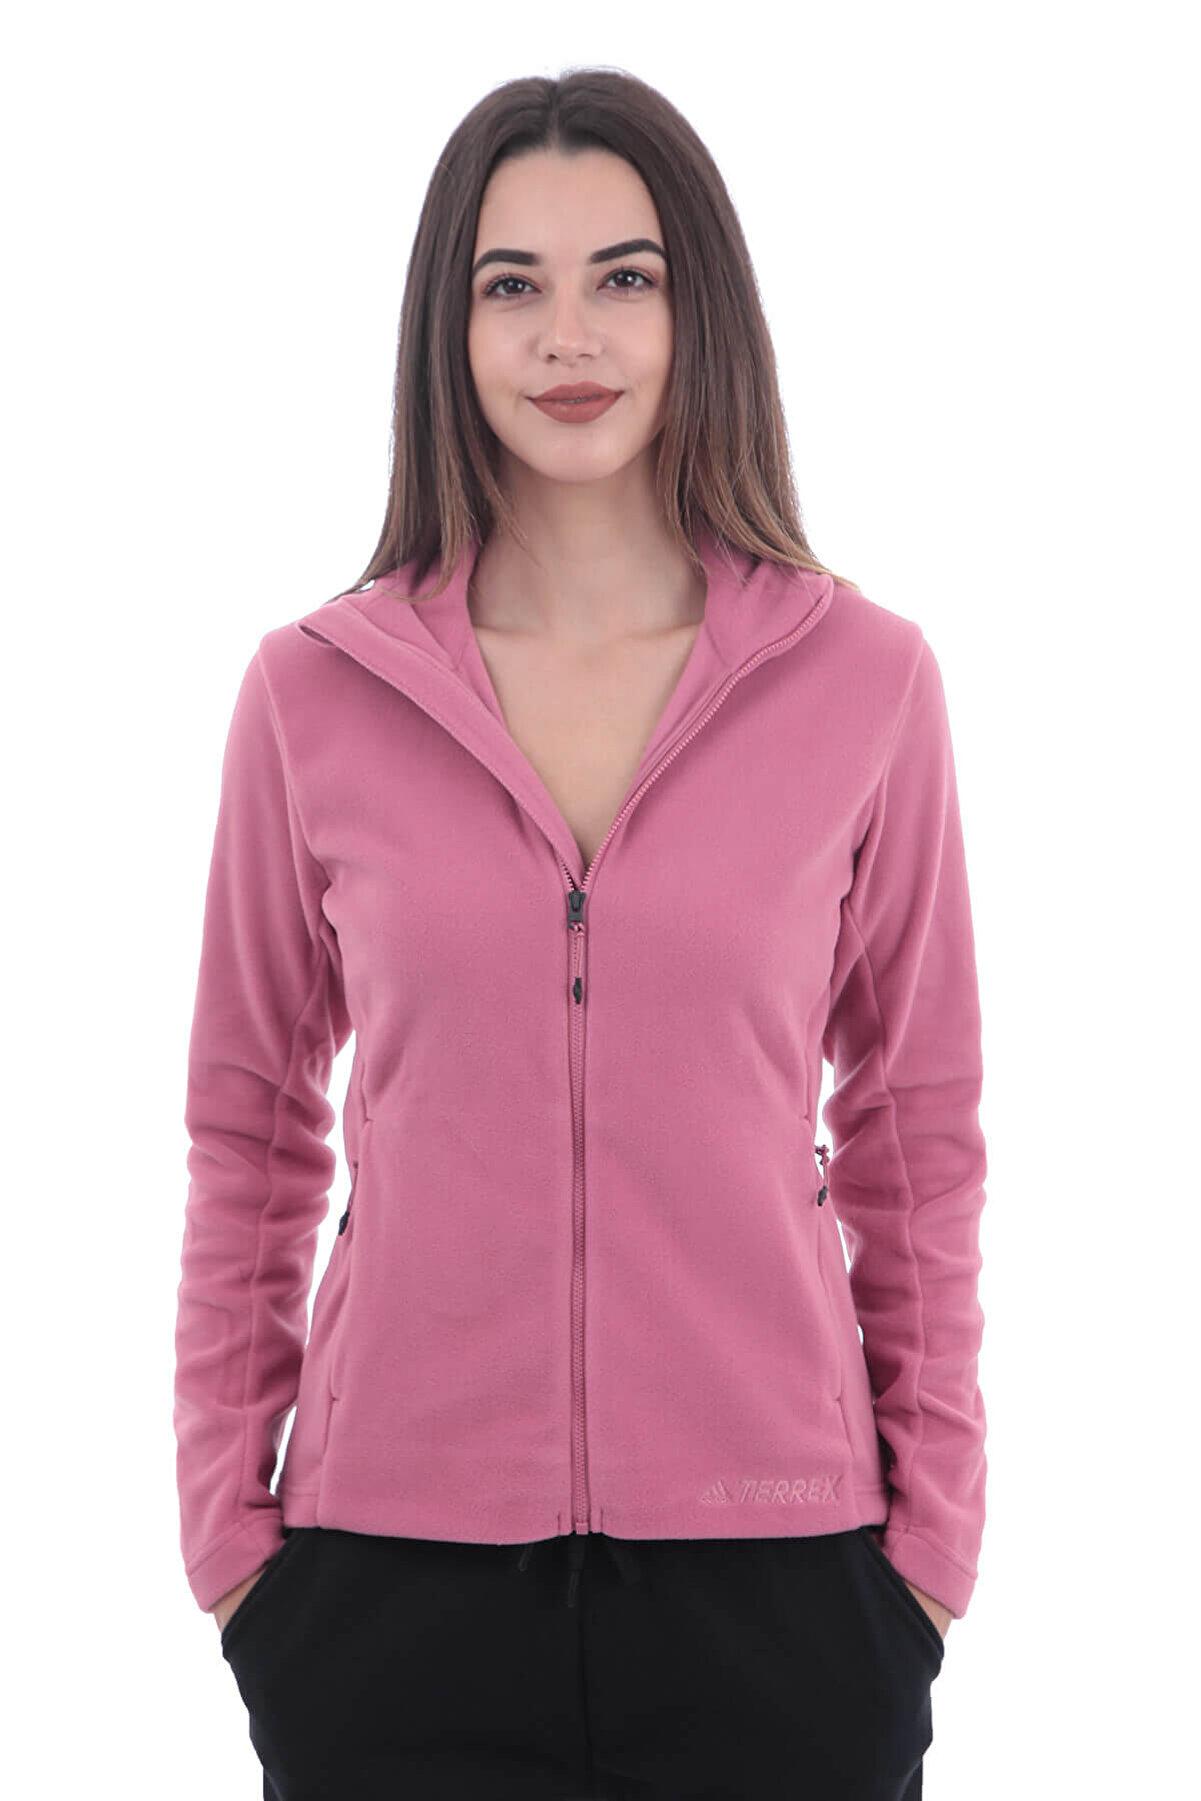 adidas Kadın Sweatshirt - W Tivid Fl Jk - CY8694